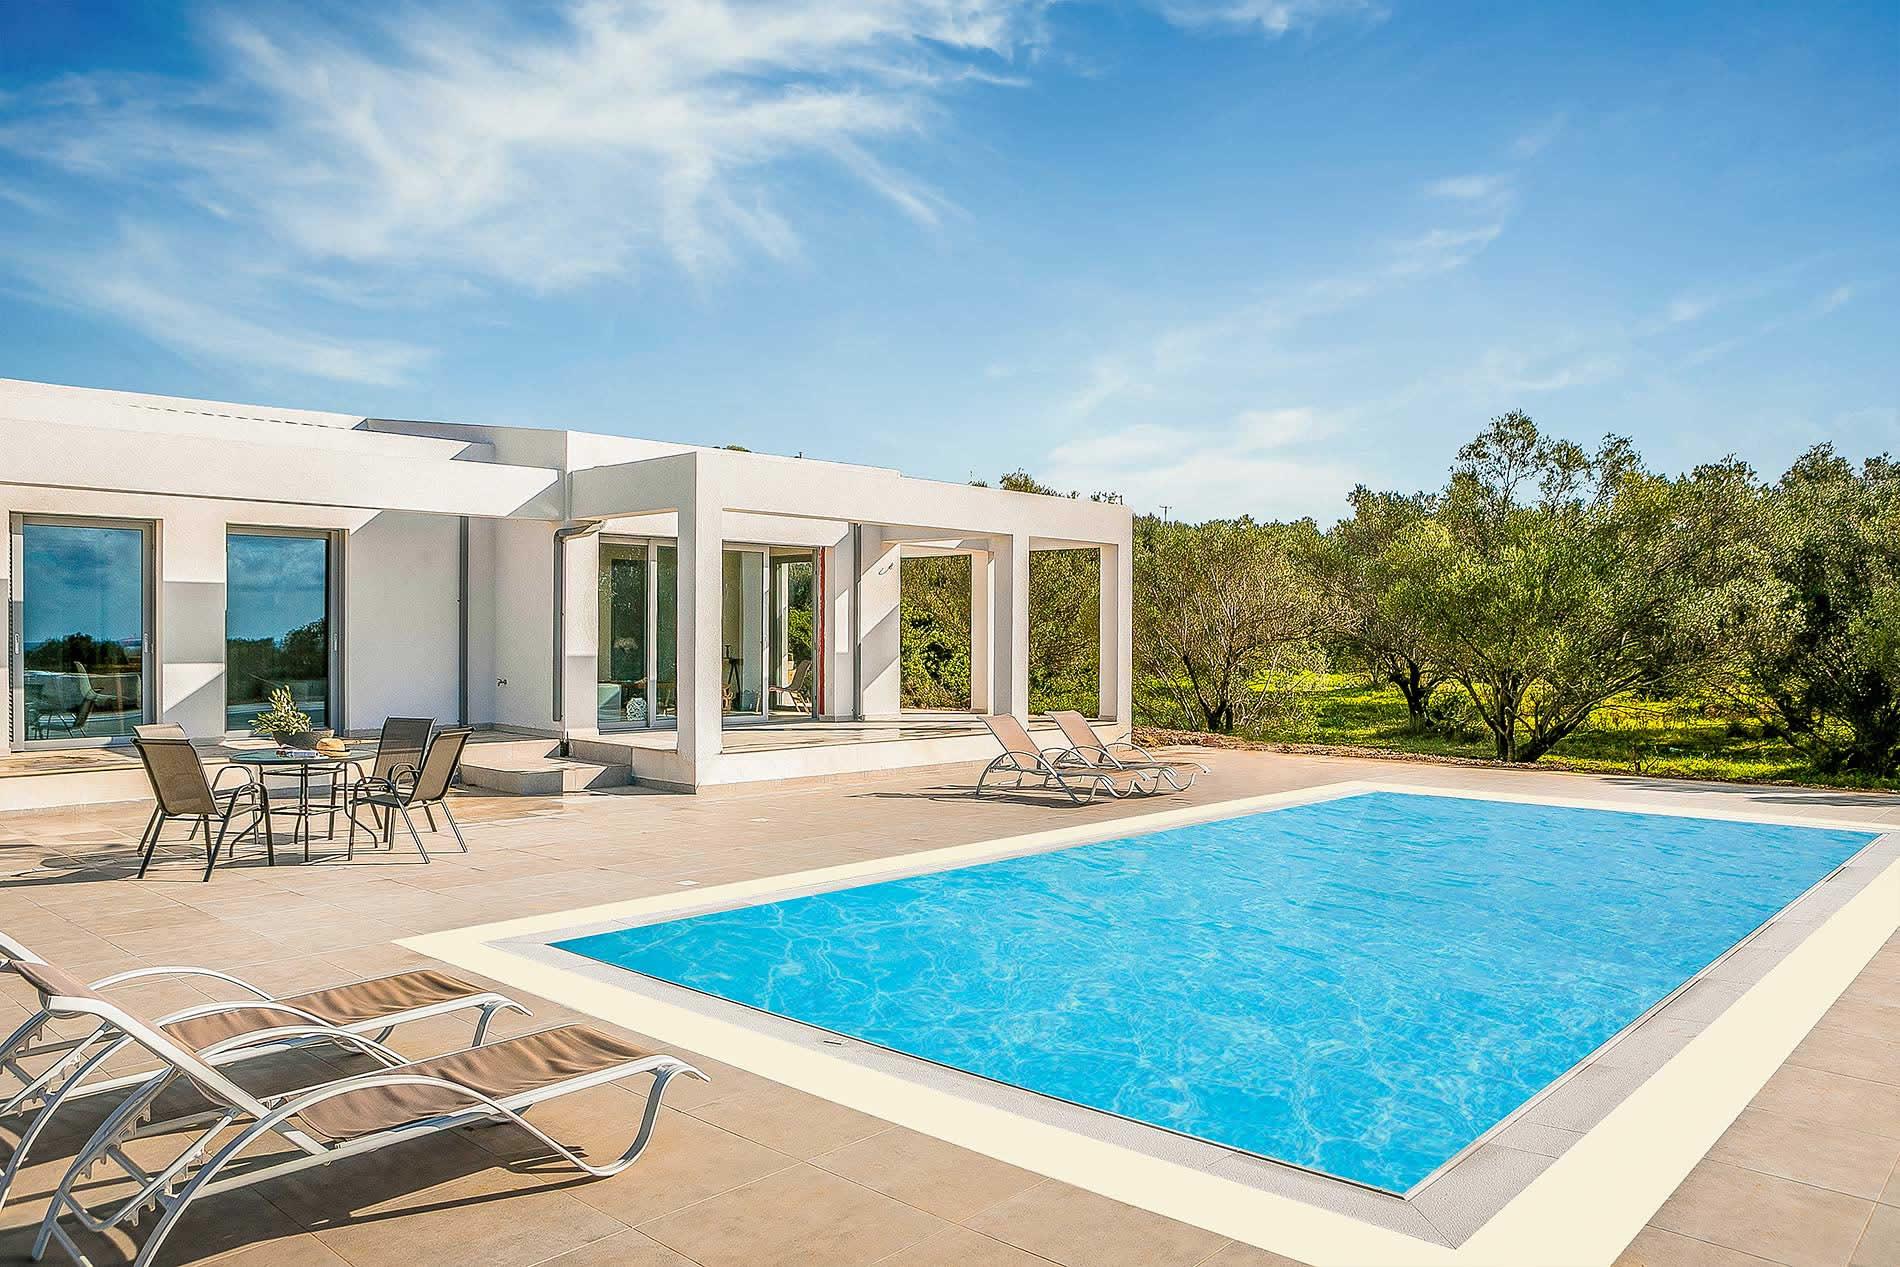 Villa Julietta in Svoronata - sleeps 6 people